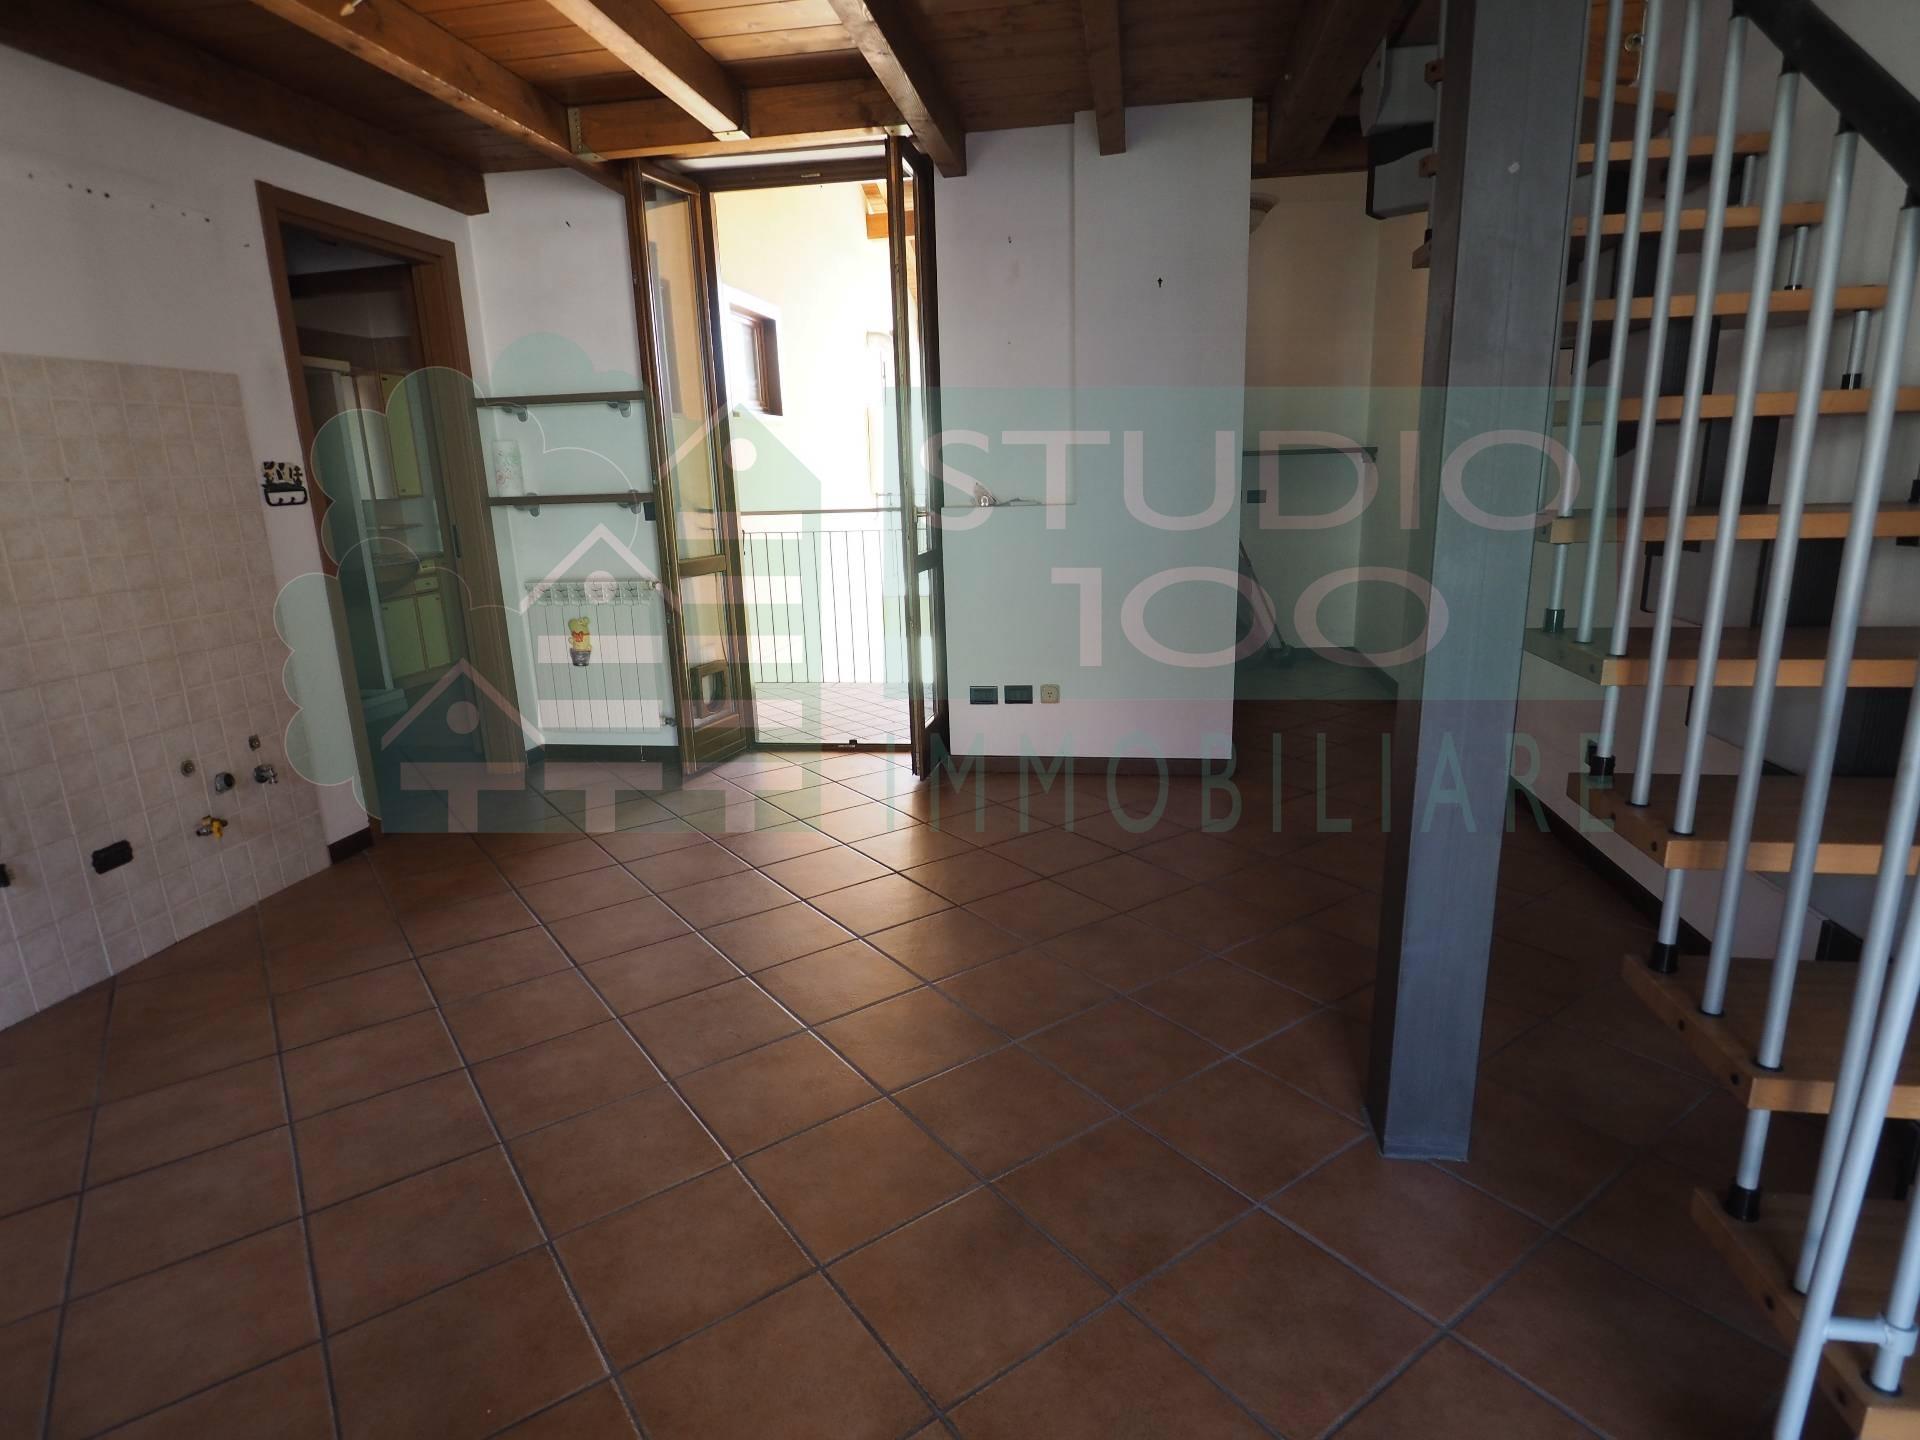 Appartamento in vendita a Casorate Sempione, 1 locali, prezzo € 69.000 | CambioCasa.it